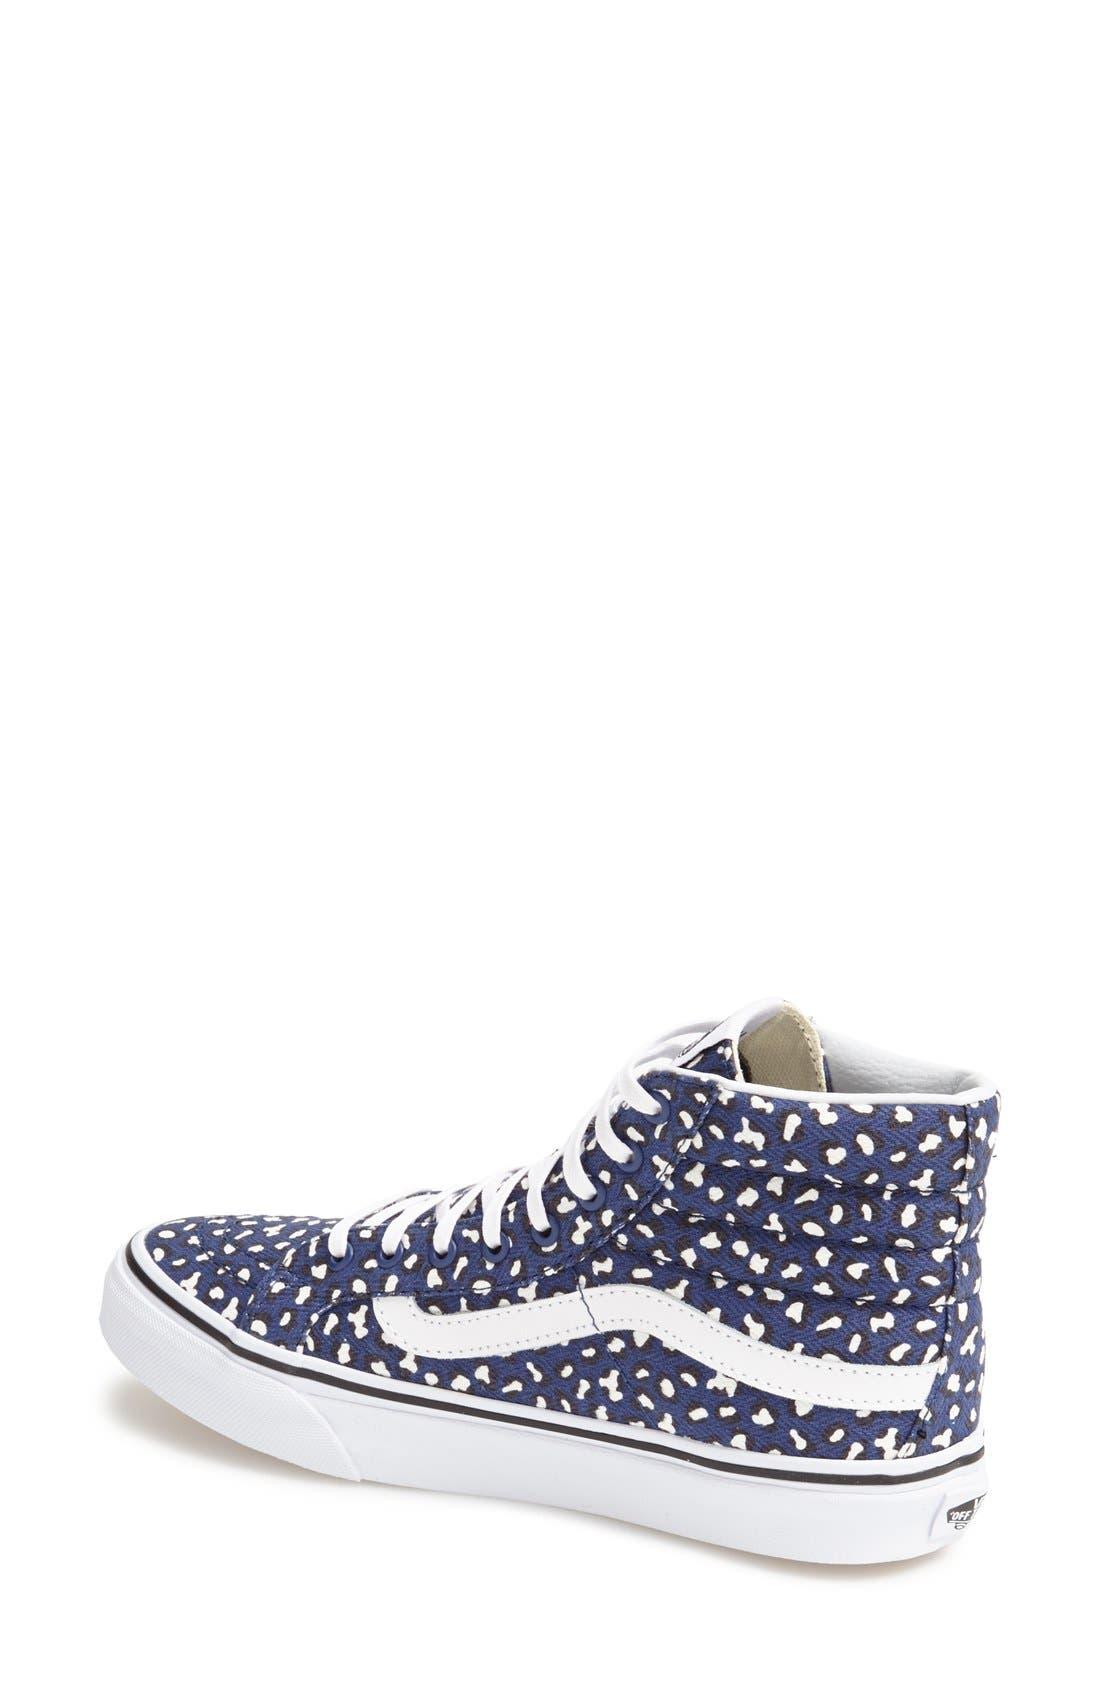 Alternate Image 2  - Vans 'Herringbone Leopard - Sk8-Hi Slim' Sneaker (Women)